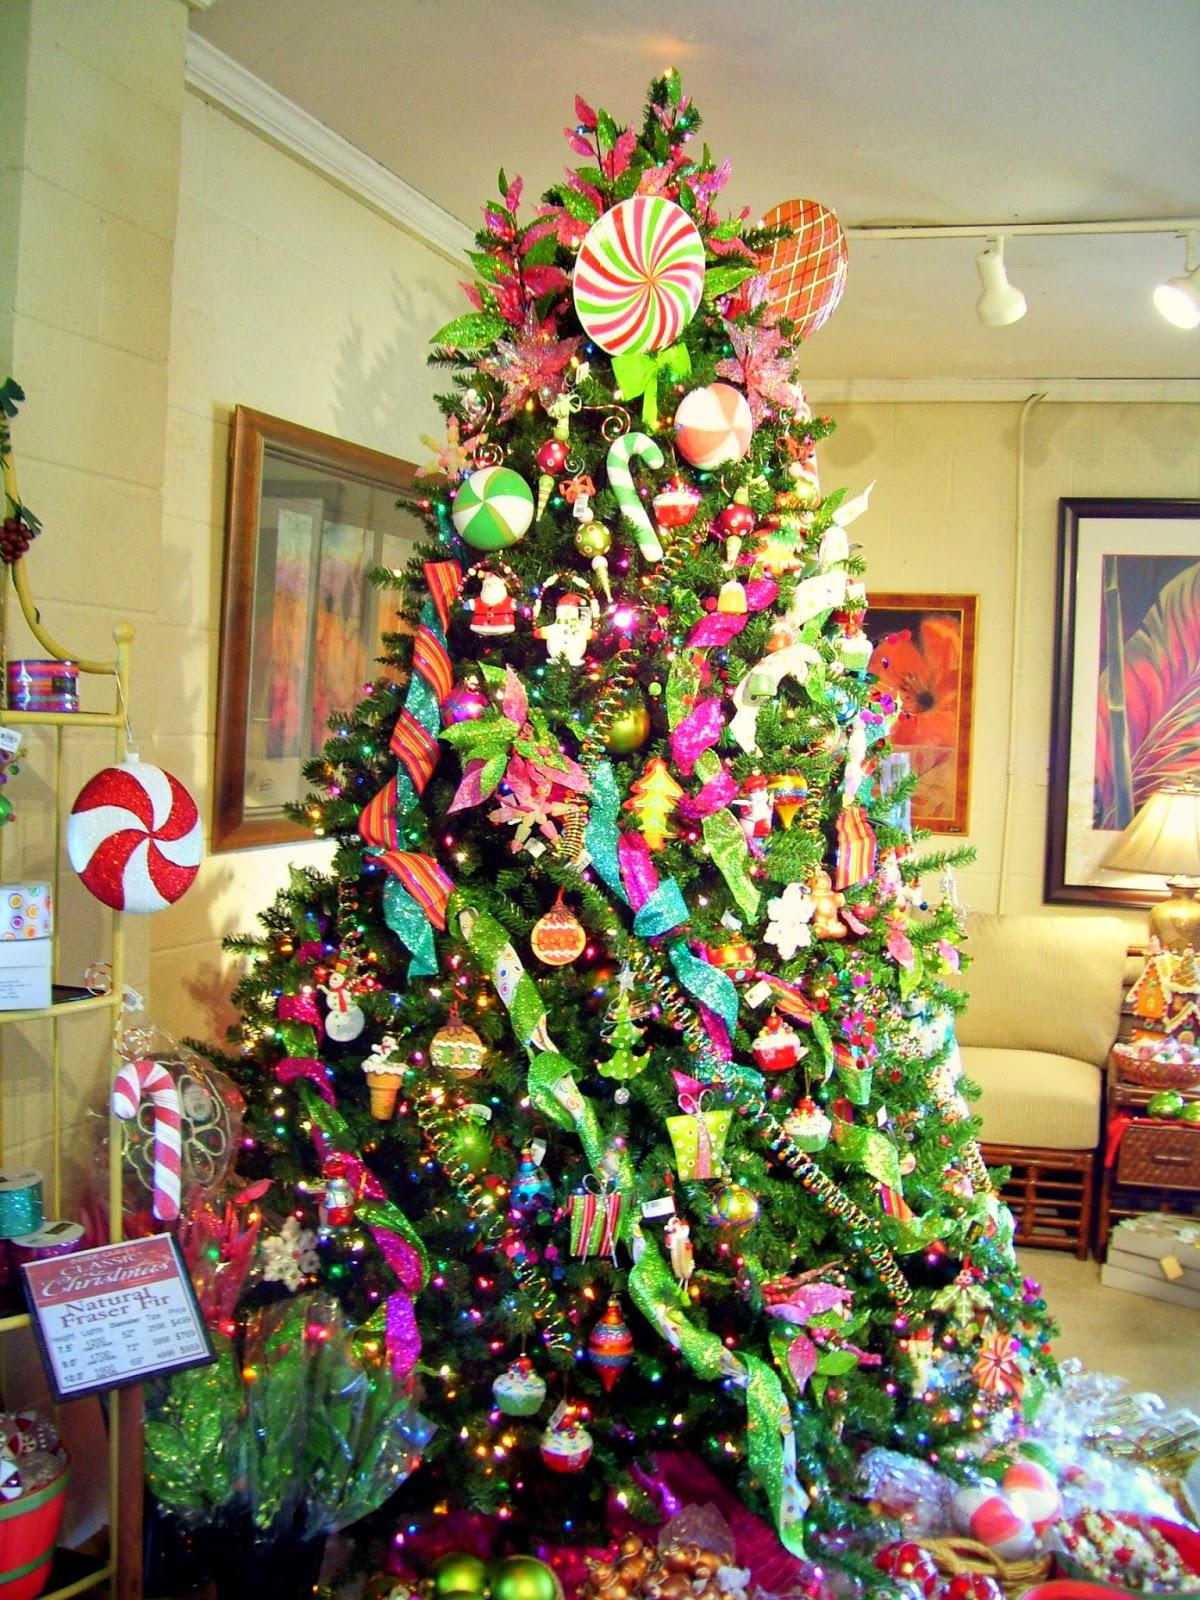 La casita de vero ideas para decorar tu arbol - Ideas para decorar un arbol de navidad ...